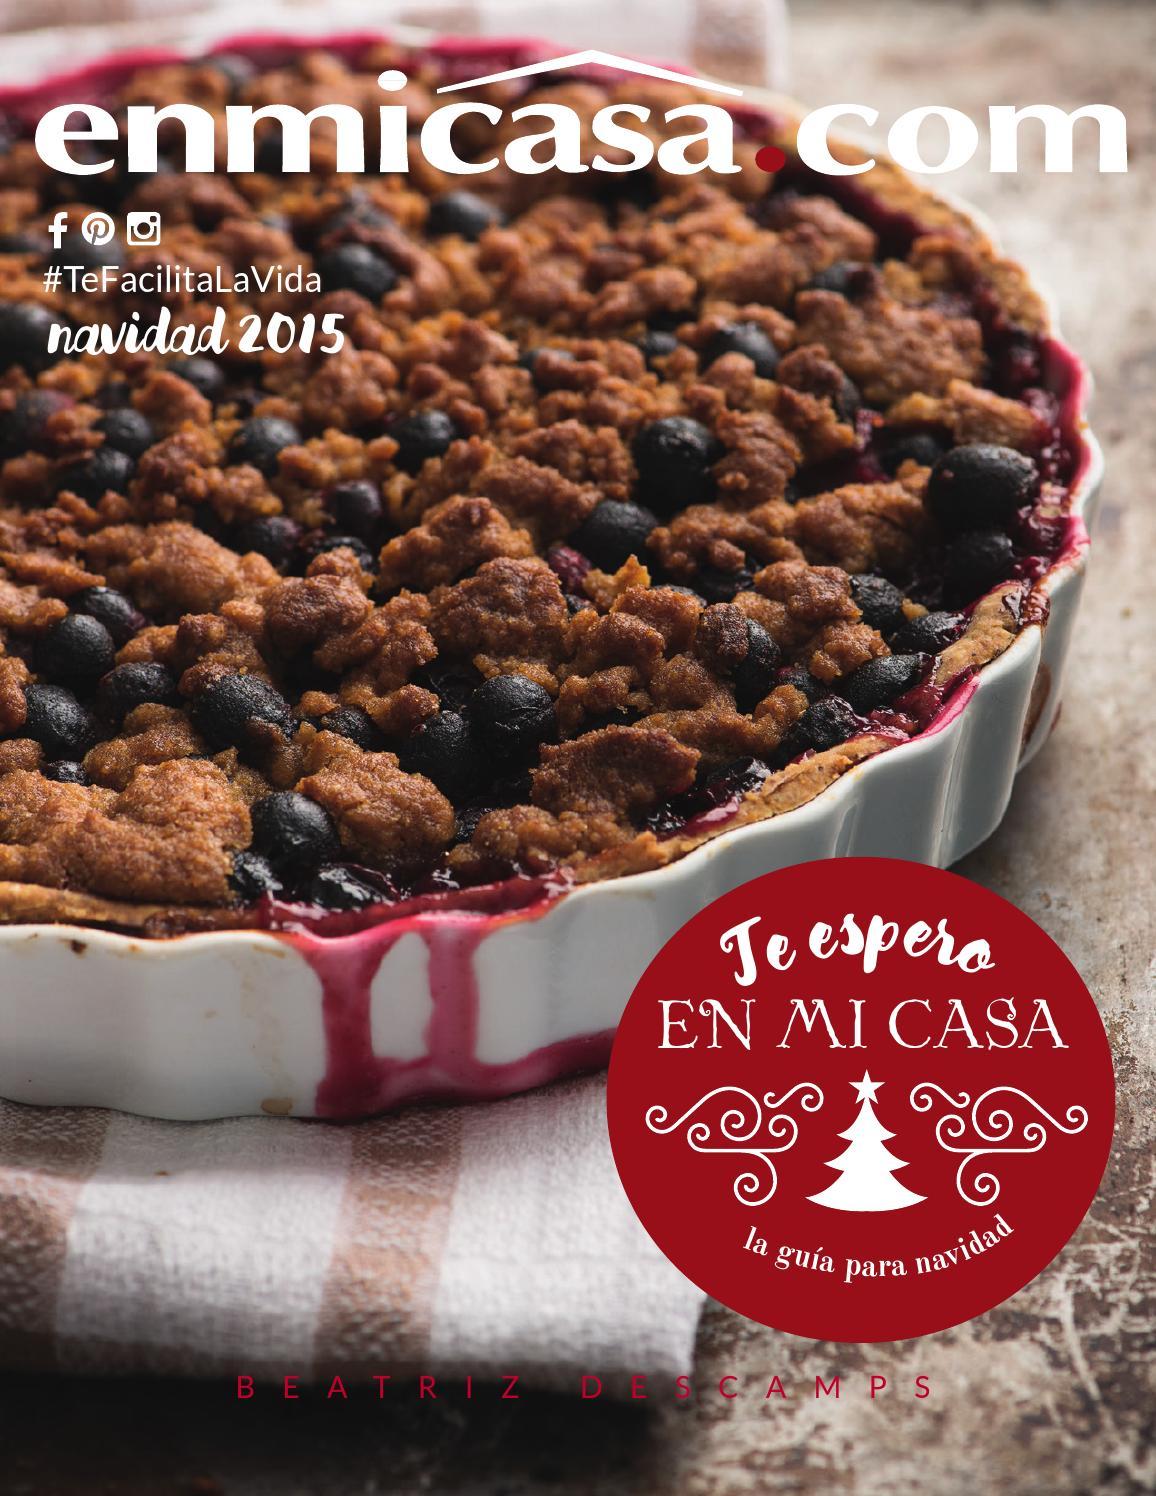 Te espero en mi casa, navidad 2015 by enmicasa.com - issuu